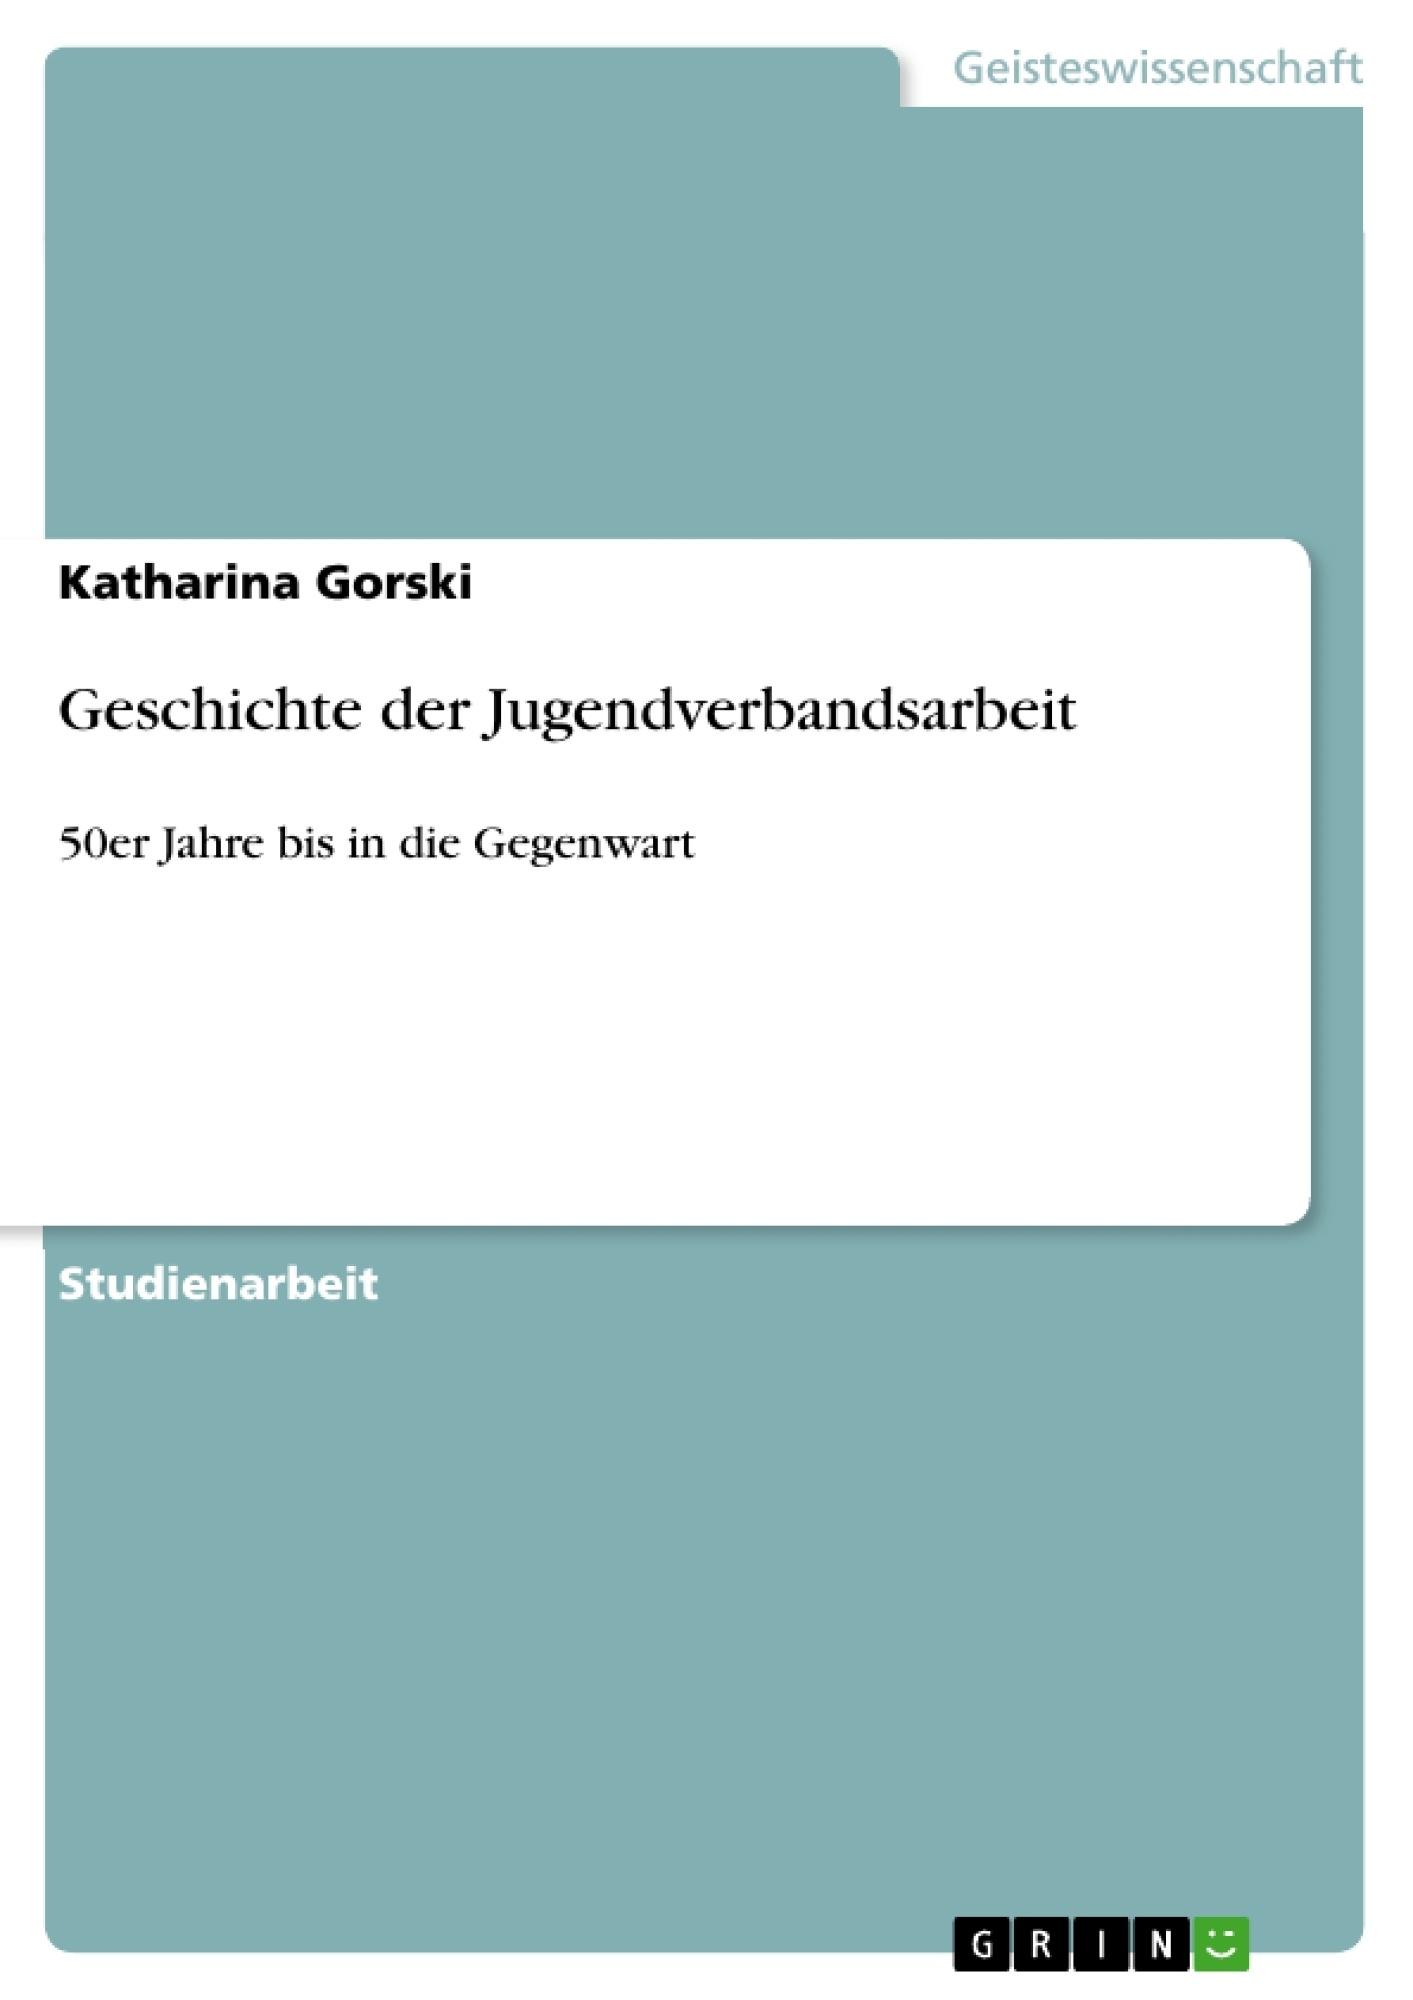 Titel: Geschichte der Jugendverbandsarbeit